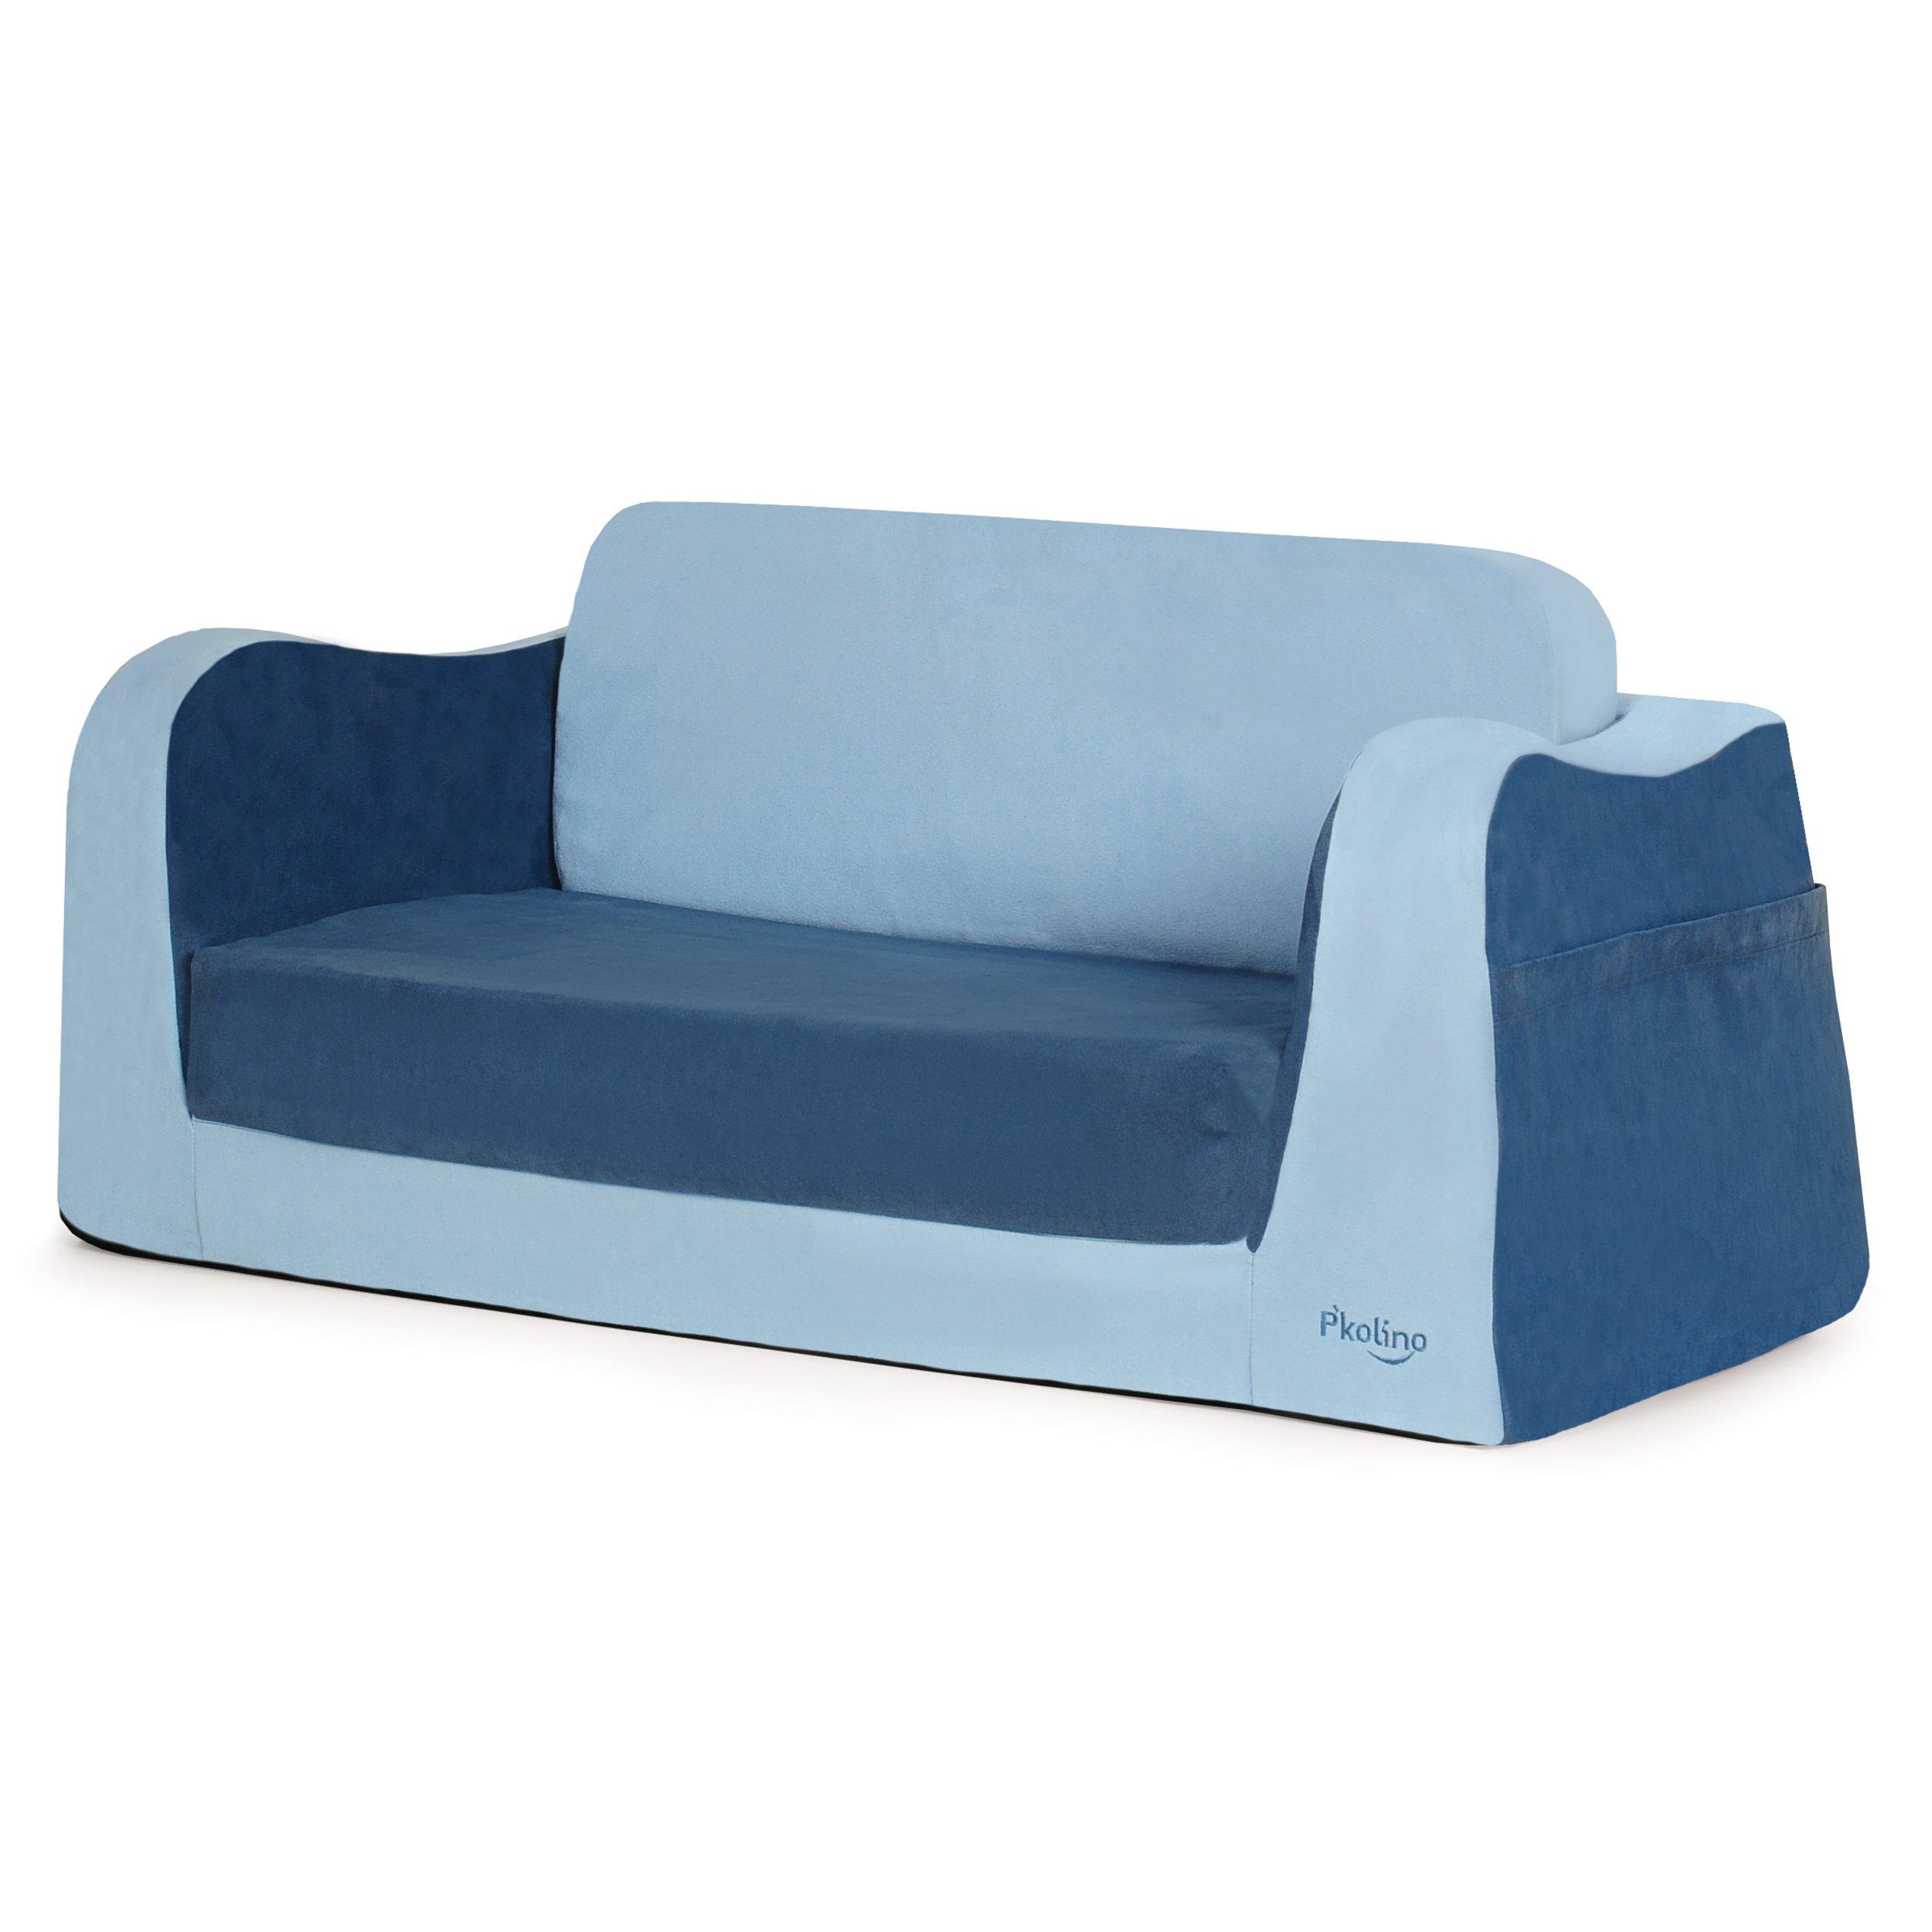 P'kolino Little Sofa / Sleeper in Blue